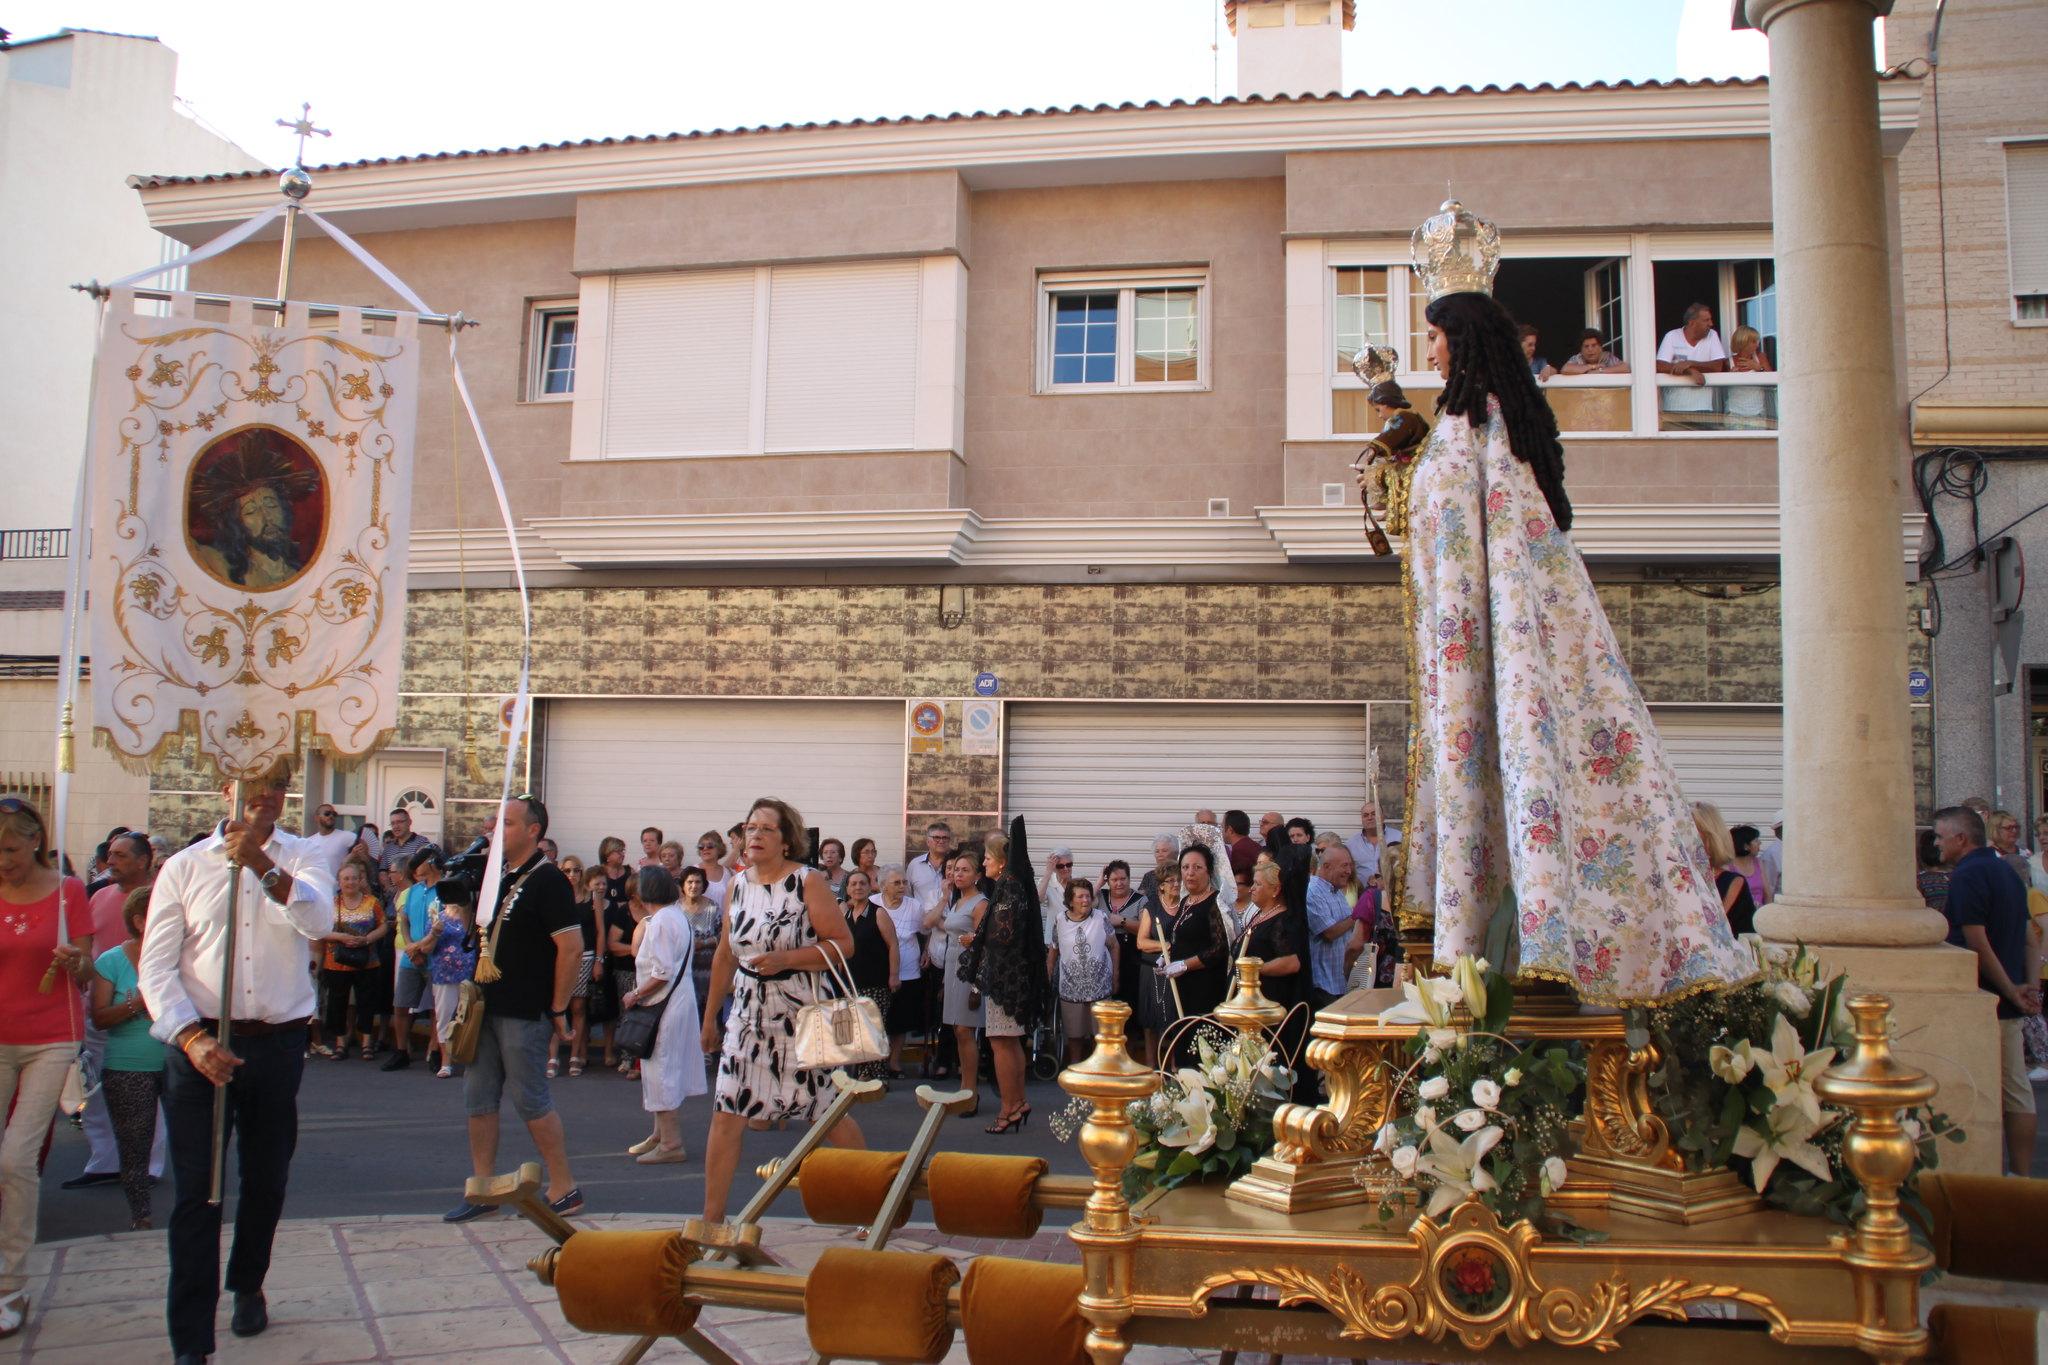 (2015-07-12) - Virgen del Carmen, parroquia La Santa Cruz - Javier Romero Ripoll (47)